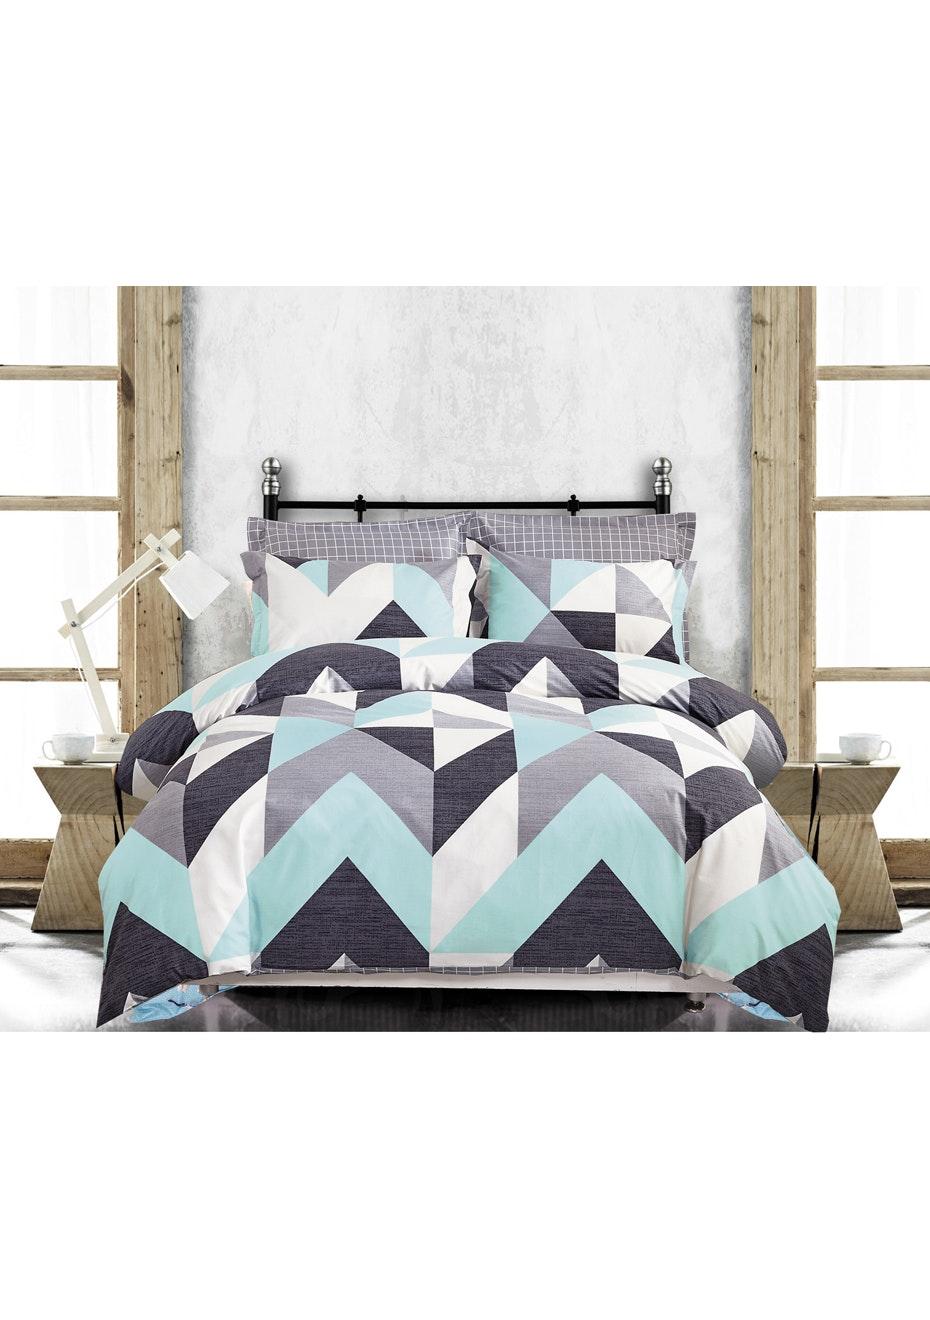 Coastline Quilt Cover Set - Reversible Design - 100% Cotton - Double Bed